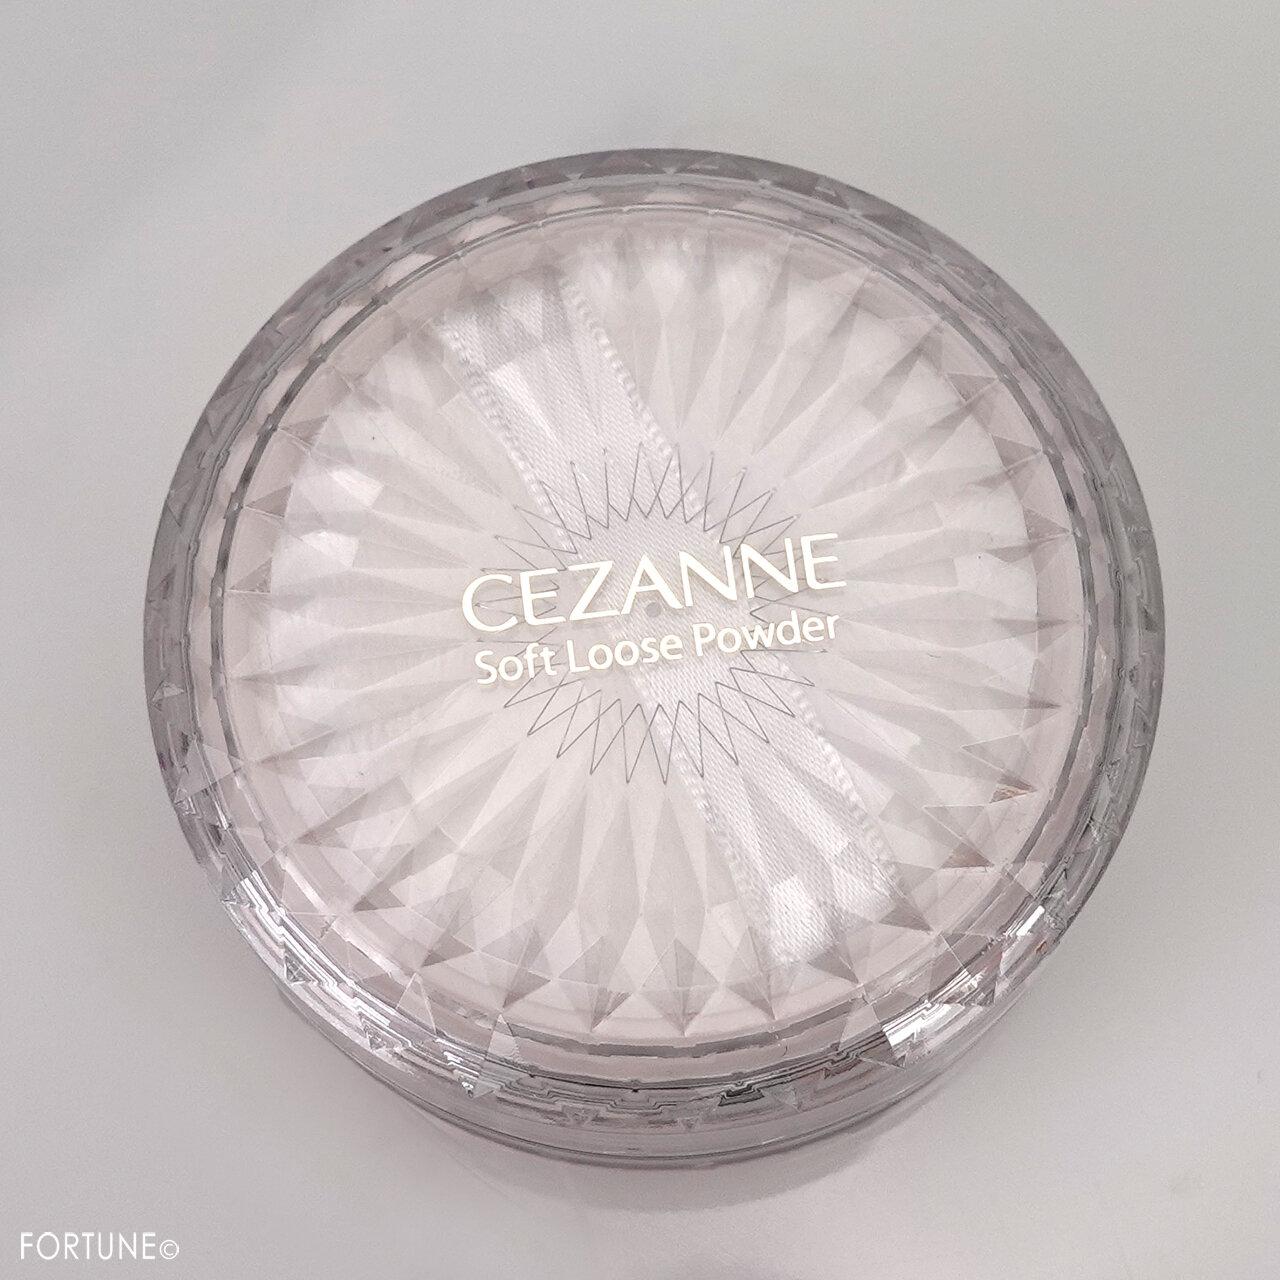 CEZANNE(セザンヌ)『うるふわ仕上げパウダー 03ルーセントクリア』